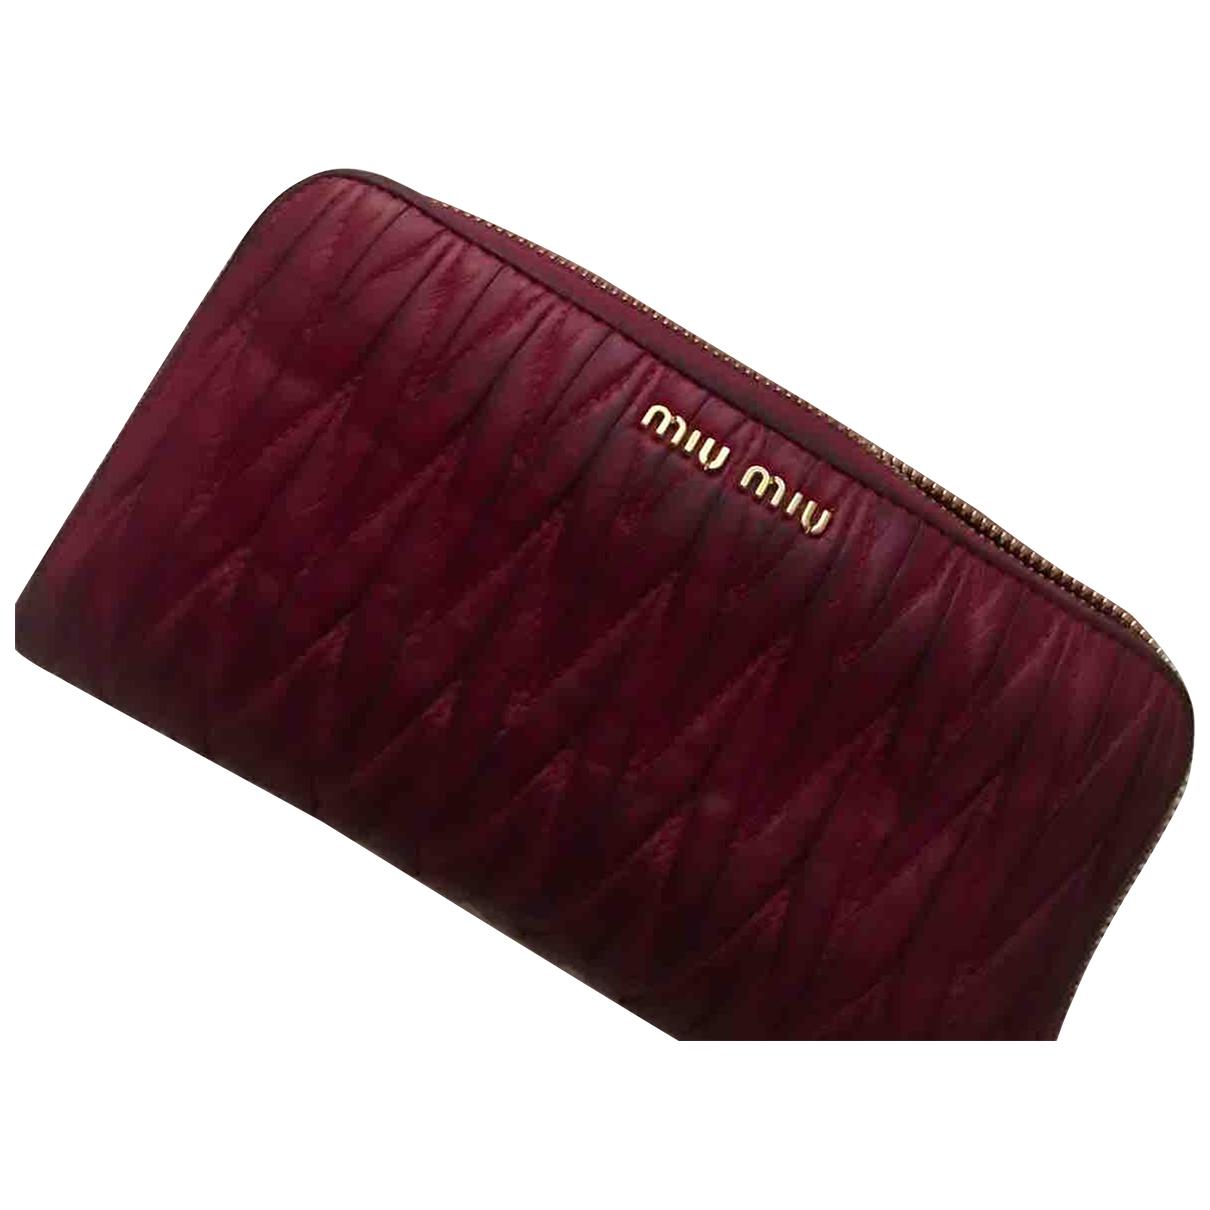 Miu Miu N Pink Leather wallet for Women N